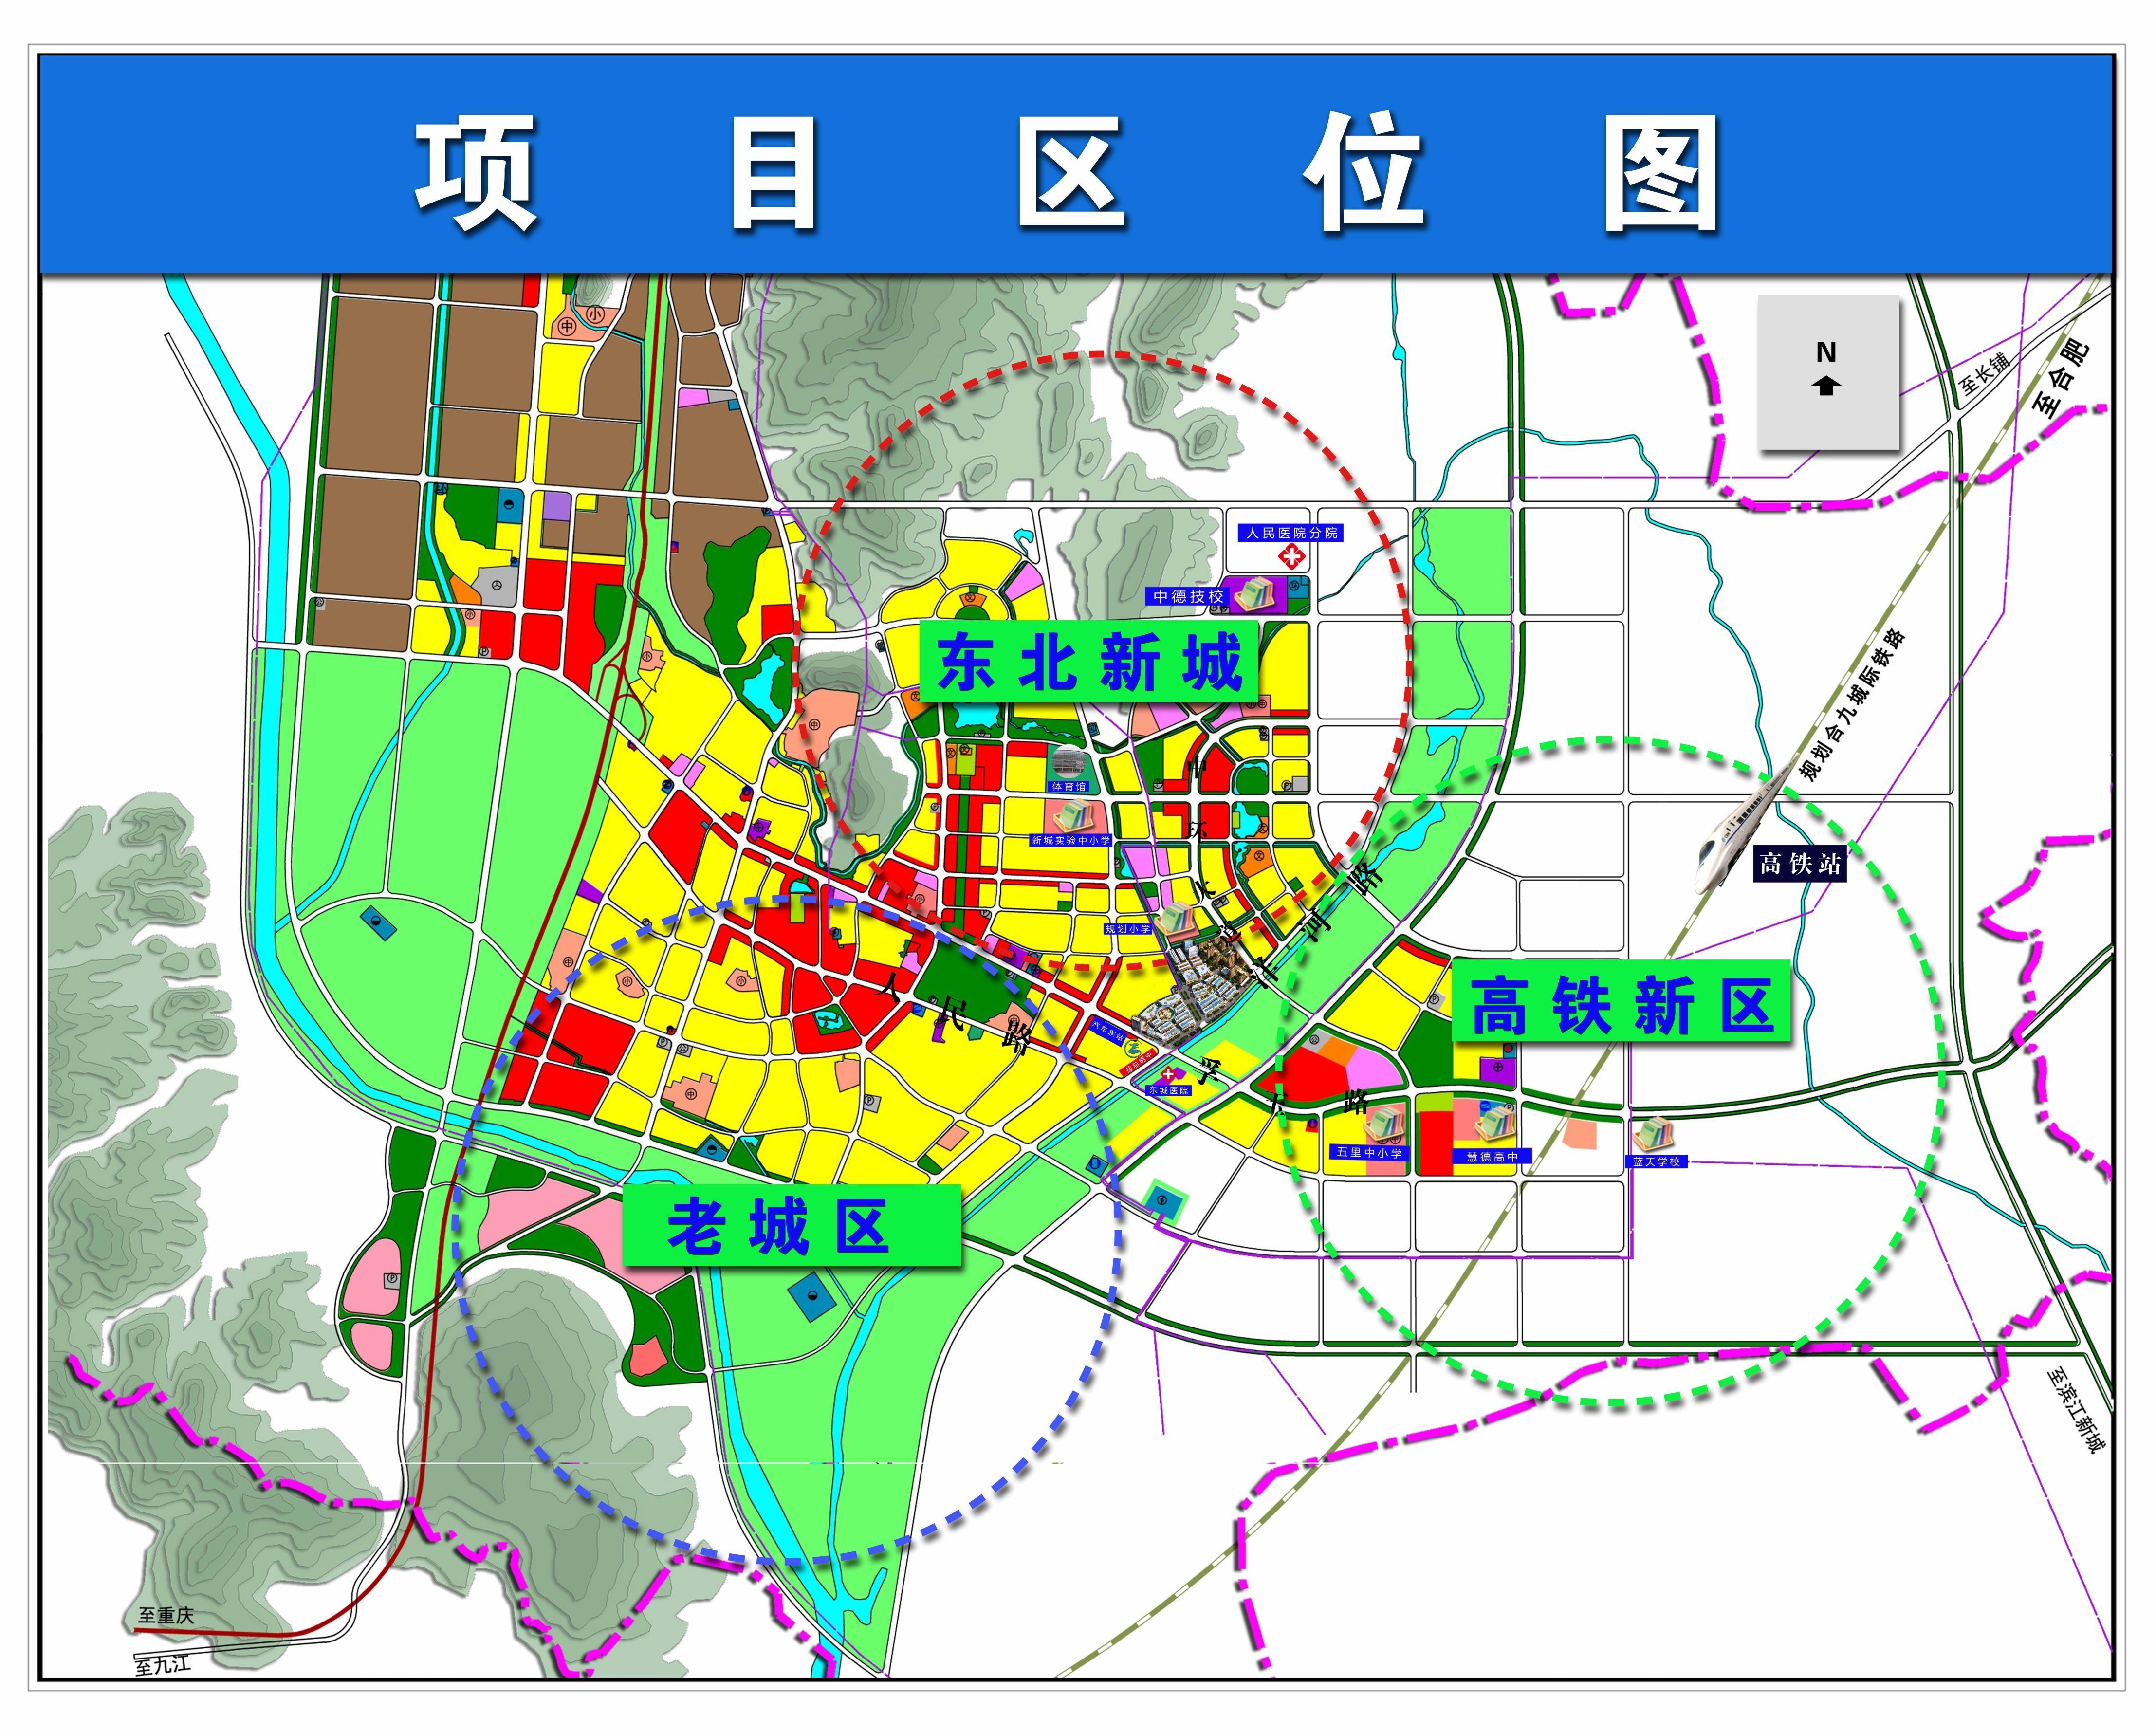 宿松商贸城、中明●家居广场位置图